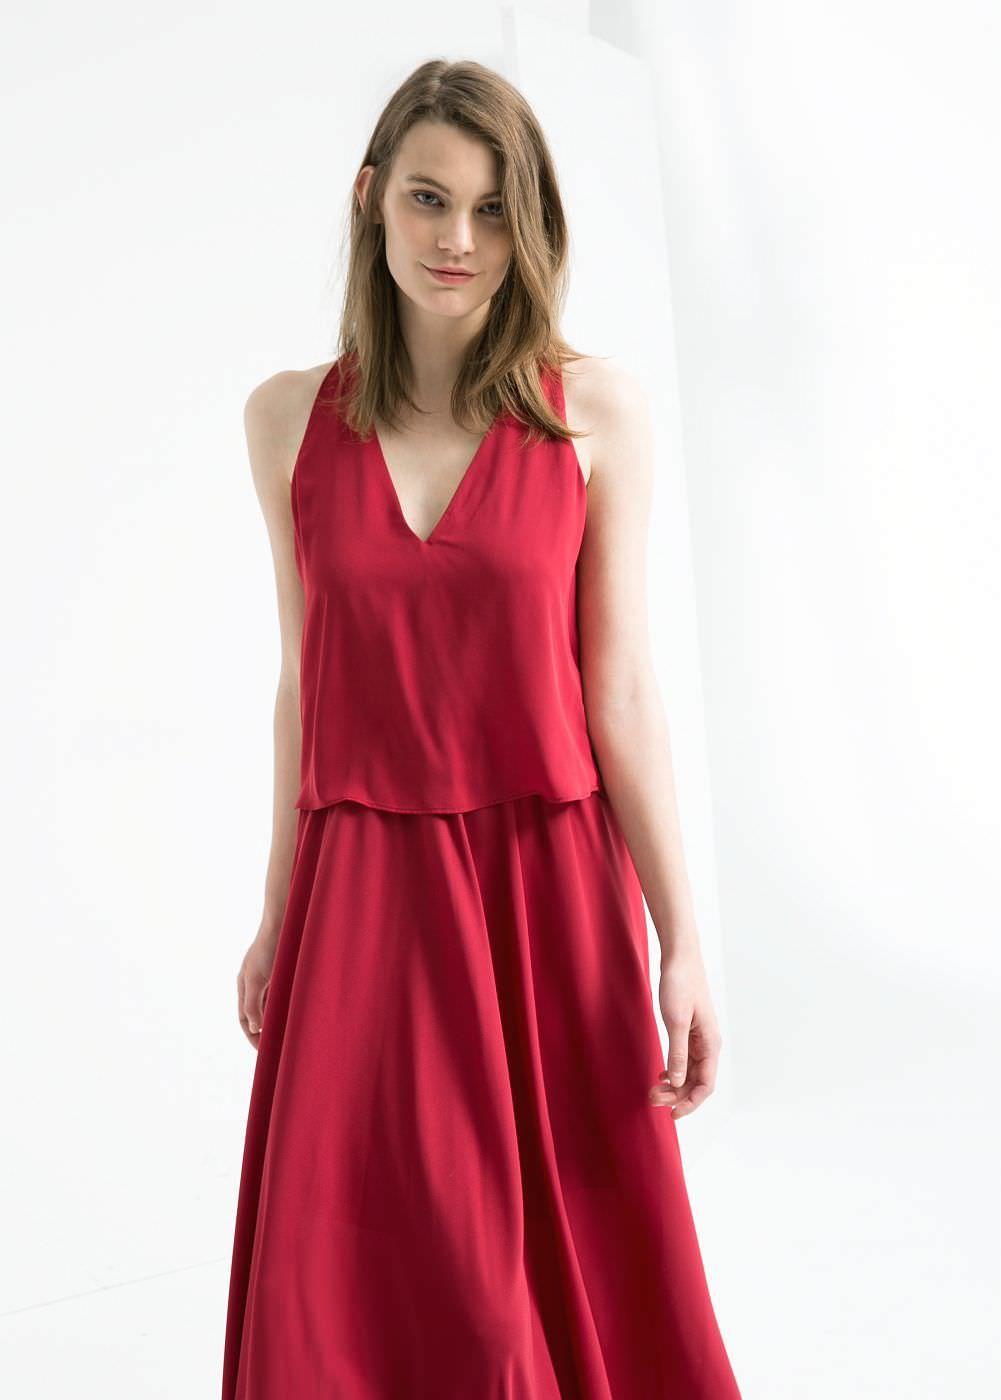 Erfreut Parisere Prom Kleider Fotos - Brautkleider Ideen - cashingy.info